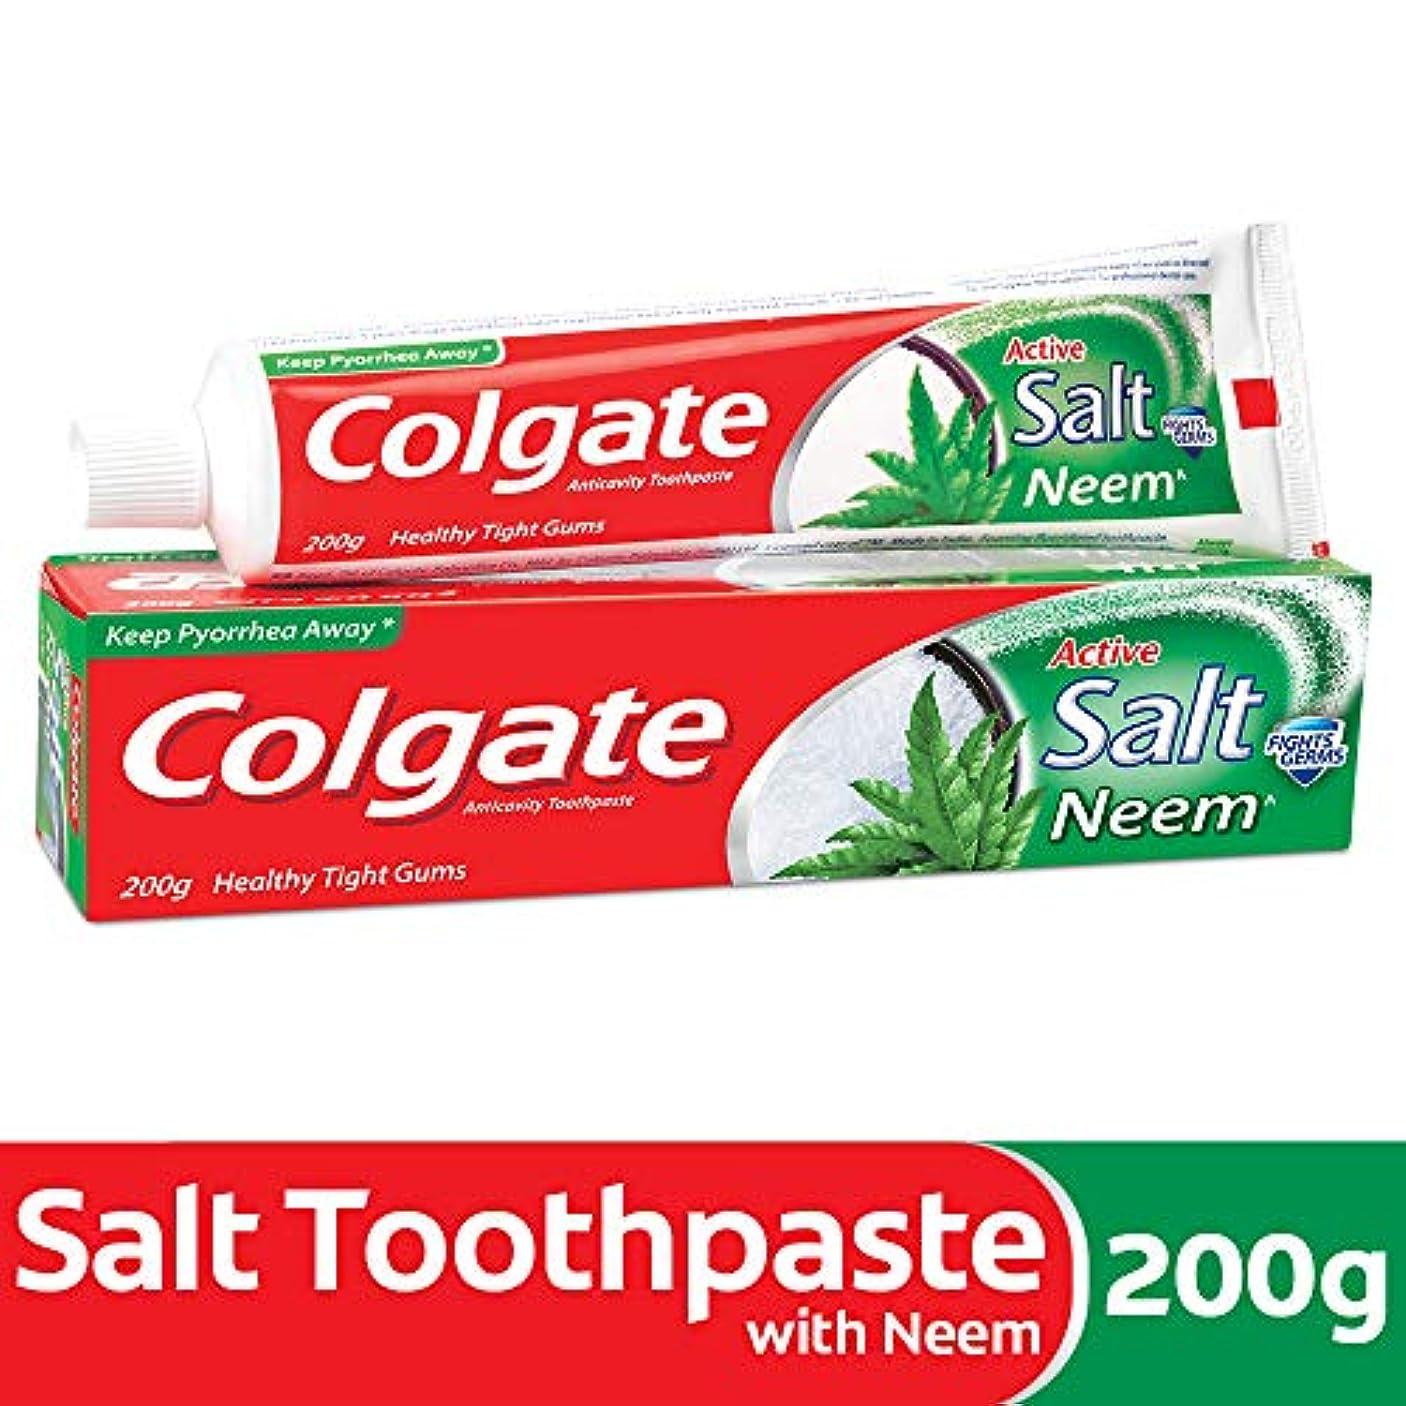 開示するエンゲージメント天Colgate Active Salt Neem Anticavity Toothpaste - 200g